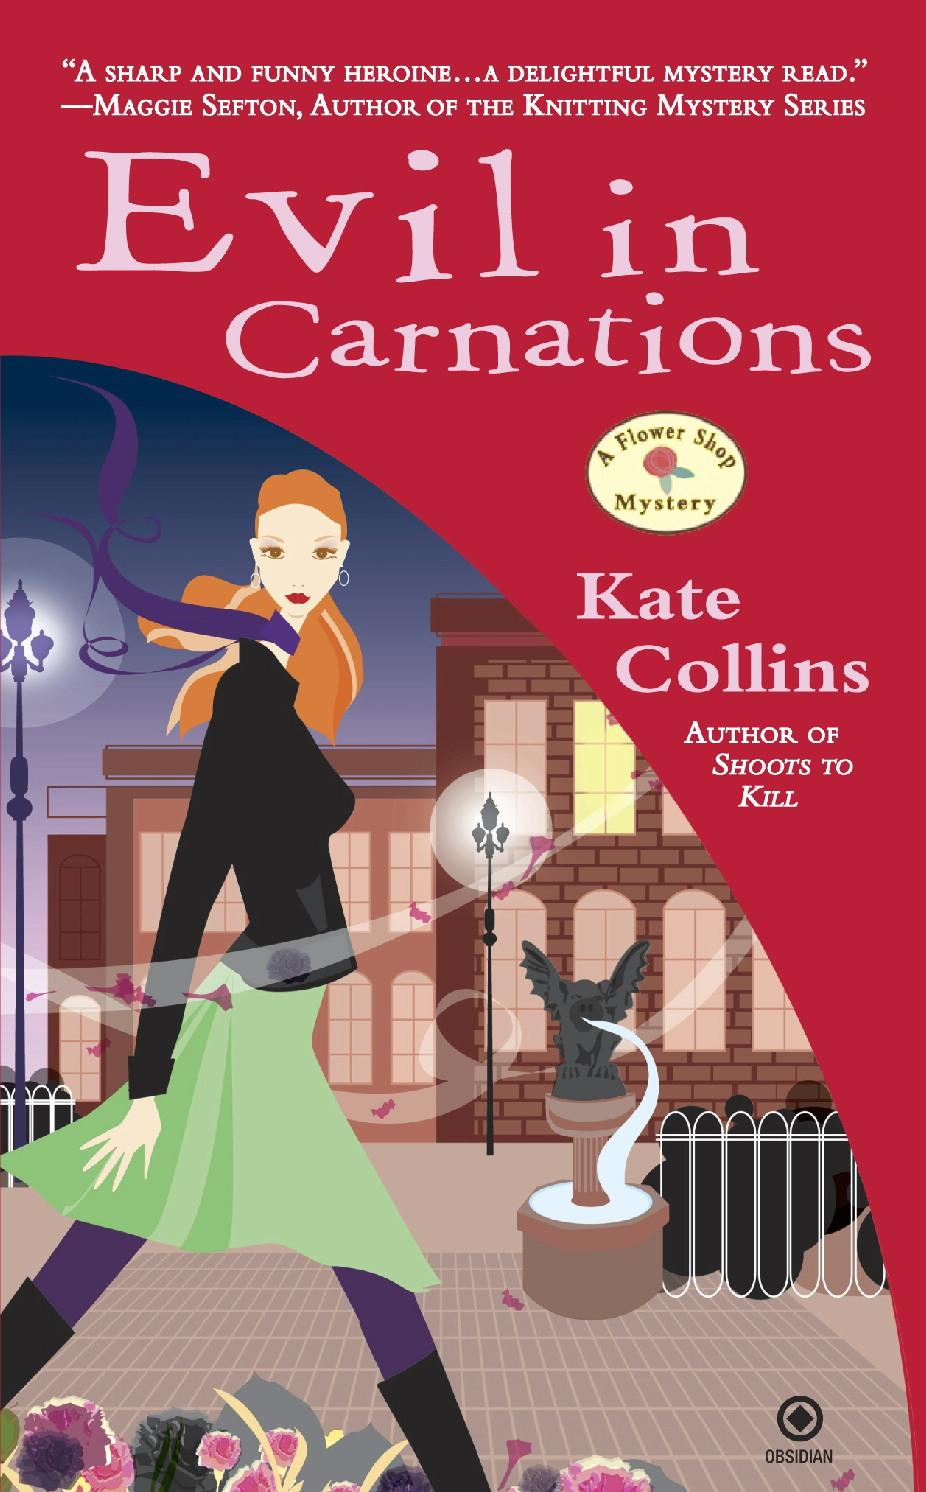 Evil-in-Carnations-2-780166.jpg